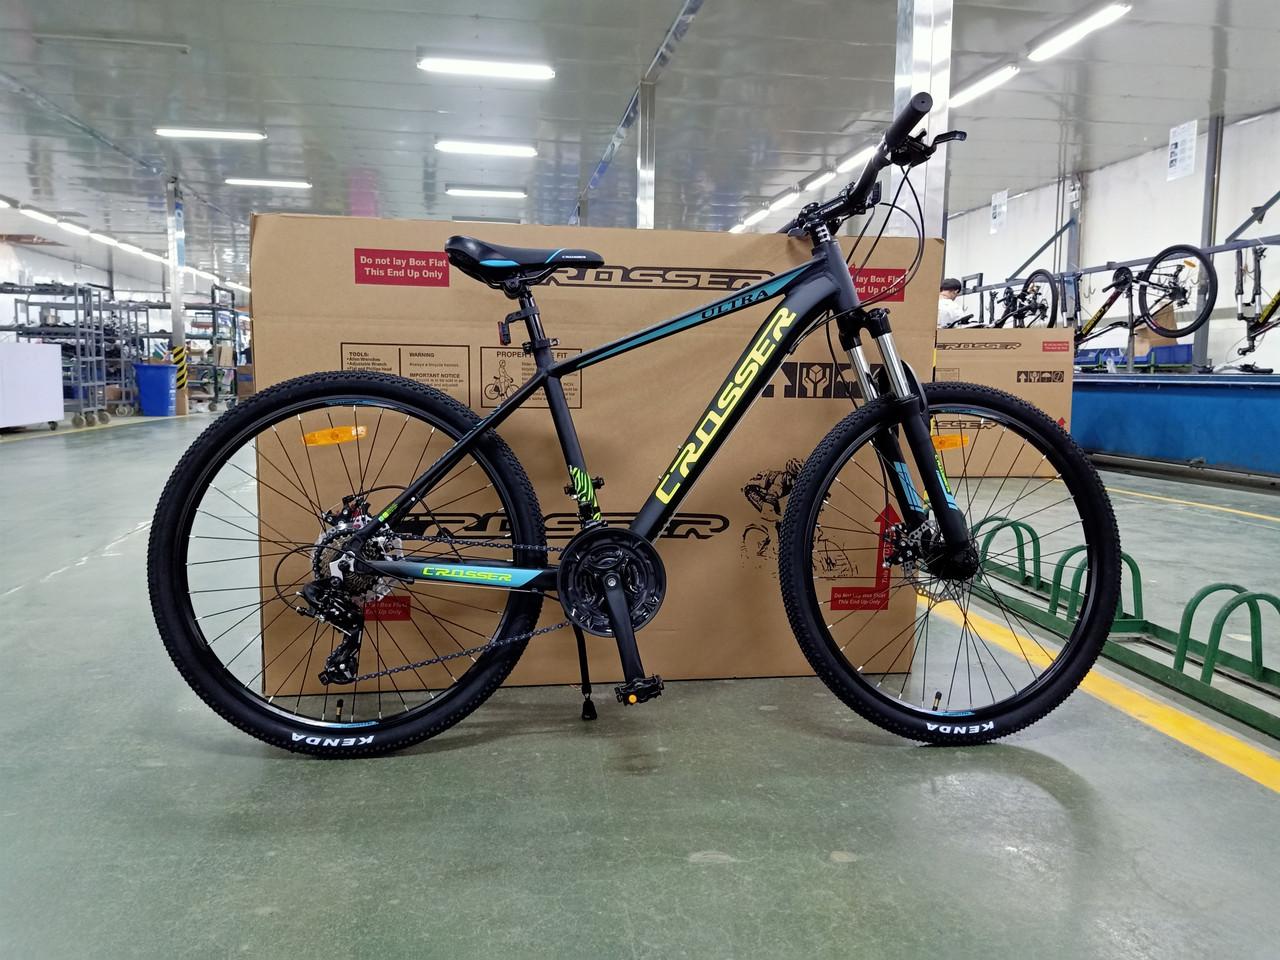 Велосипед CROSSER 29 Ultra 17 2020 года Черный цвет